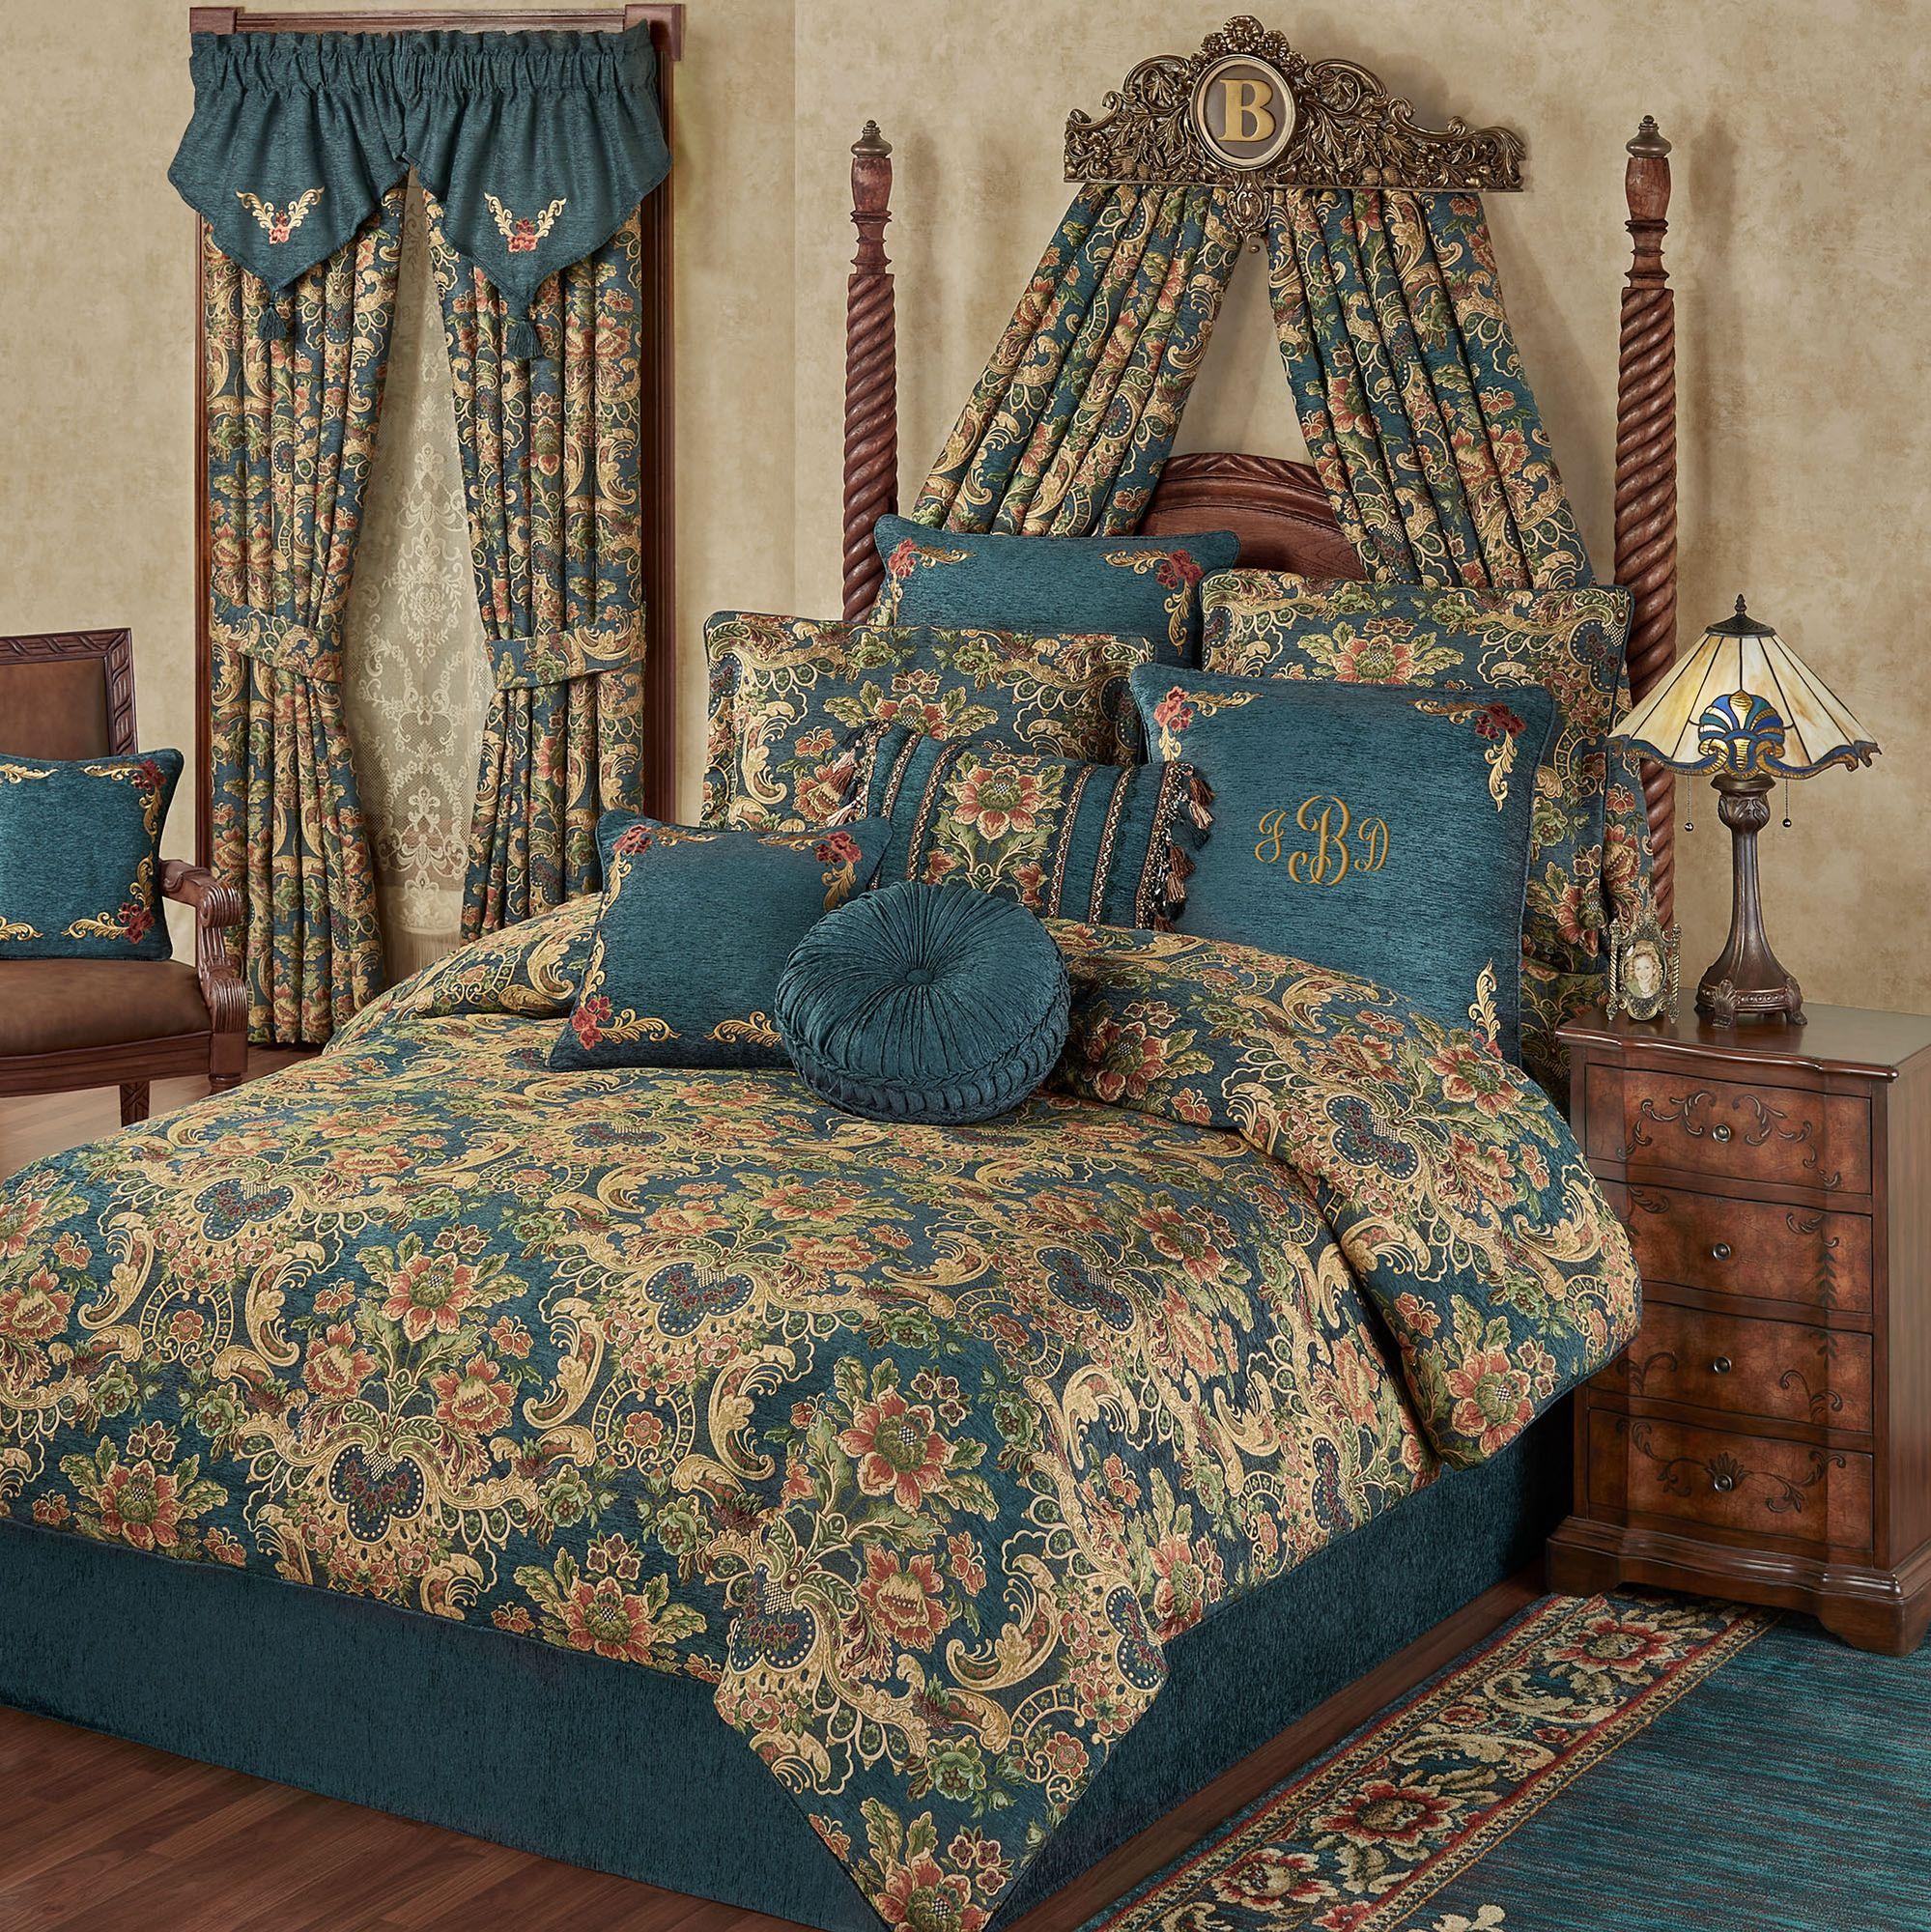 Casanova Jacobean Floral Dark Teal Comforter Bedding